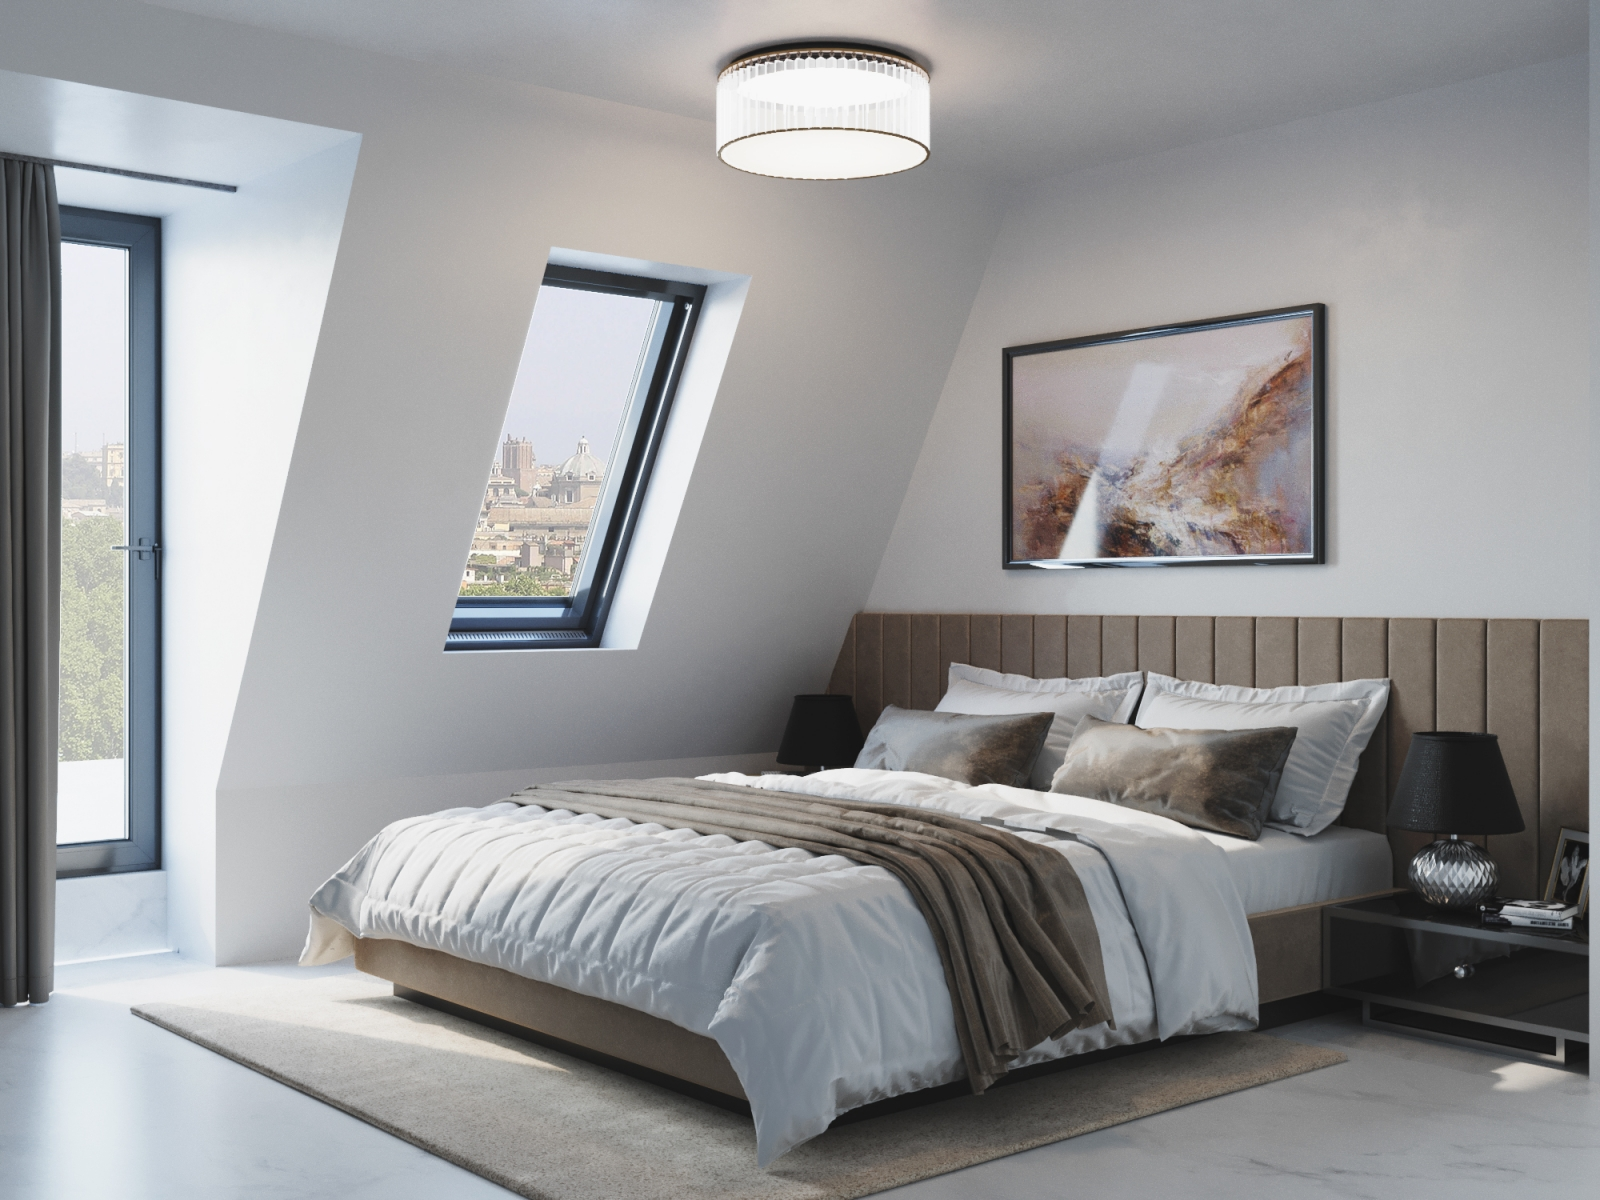 Light Bedroom Visualization